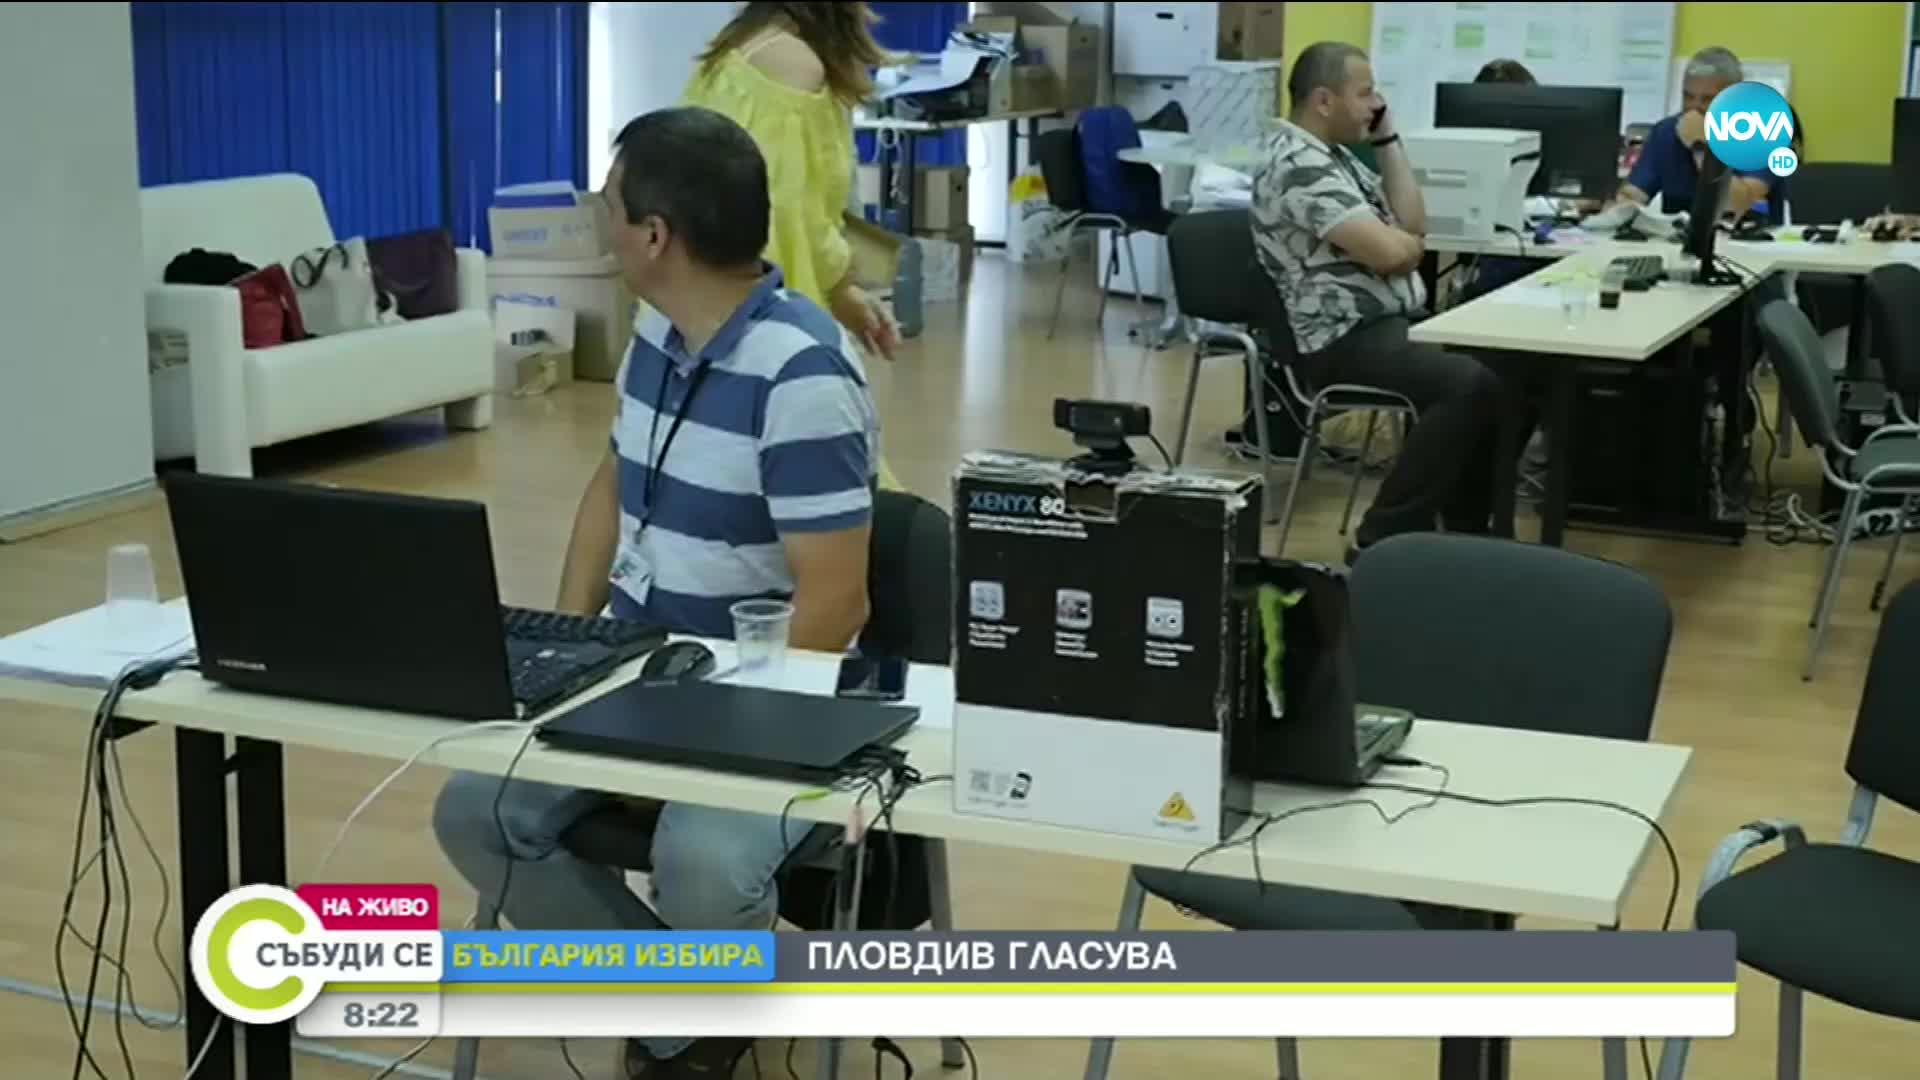 Блокирала е машина за гласуване в една от секциите в Пловдив